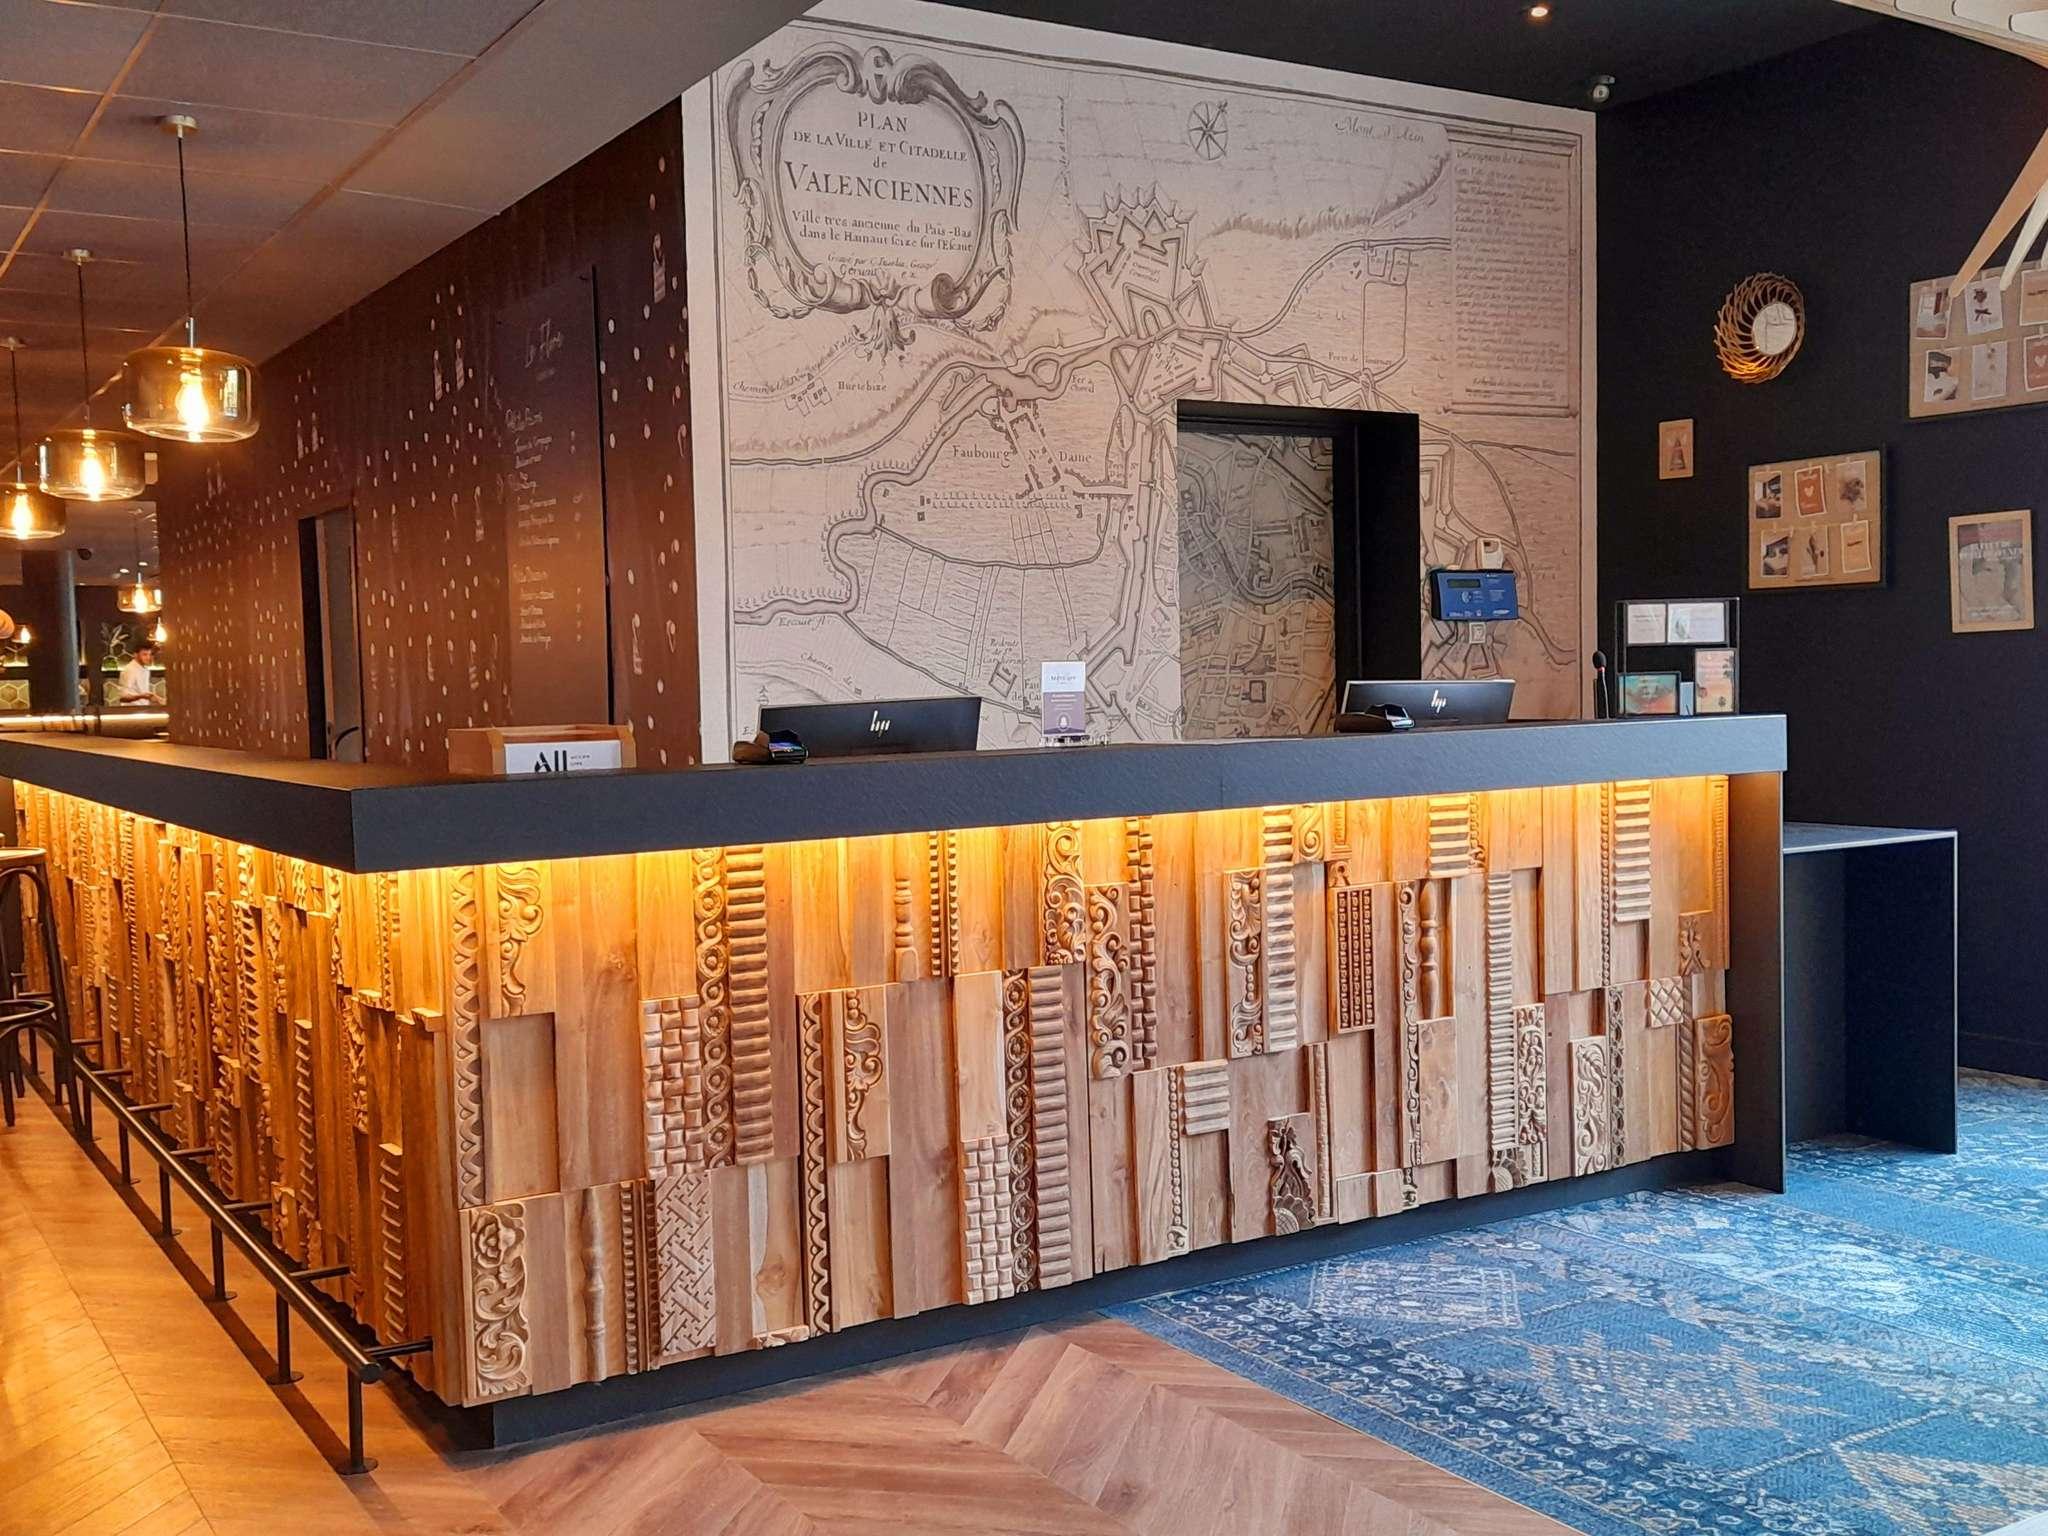 فندق - Hôtel Mercure Valenciennes Centre